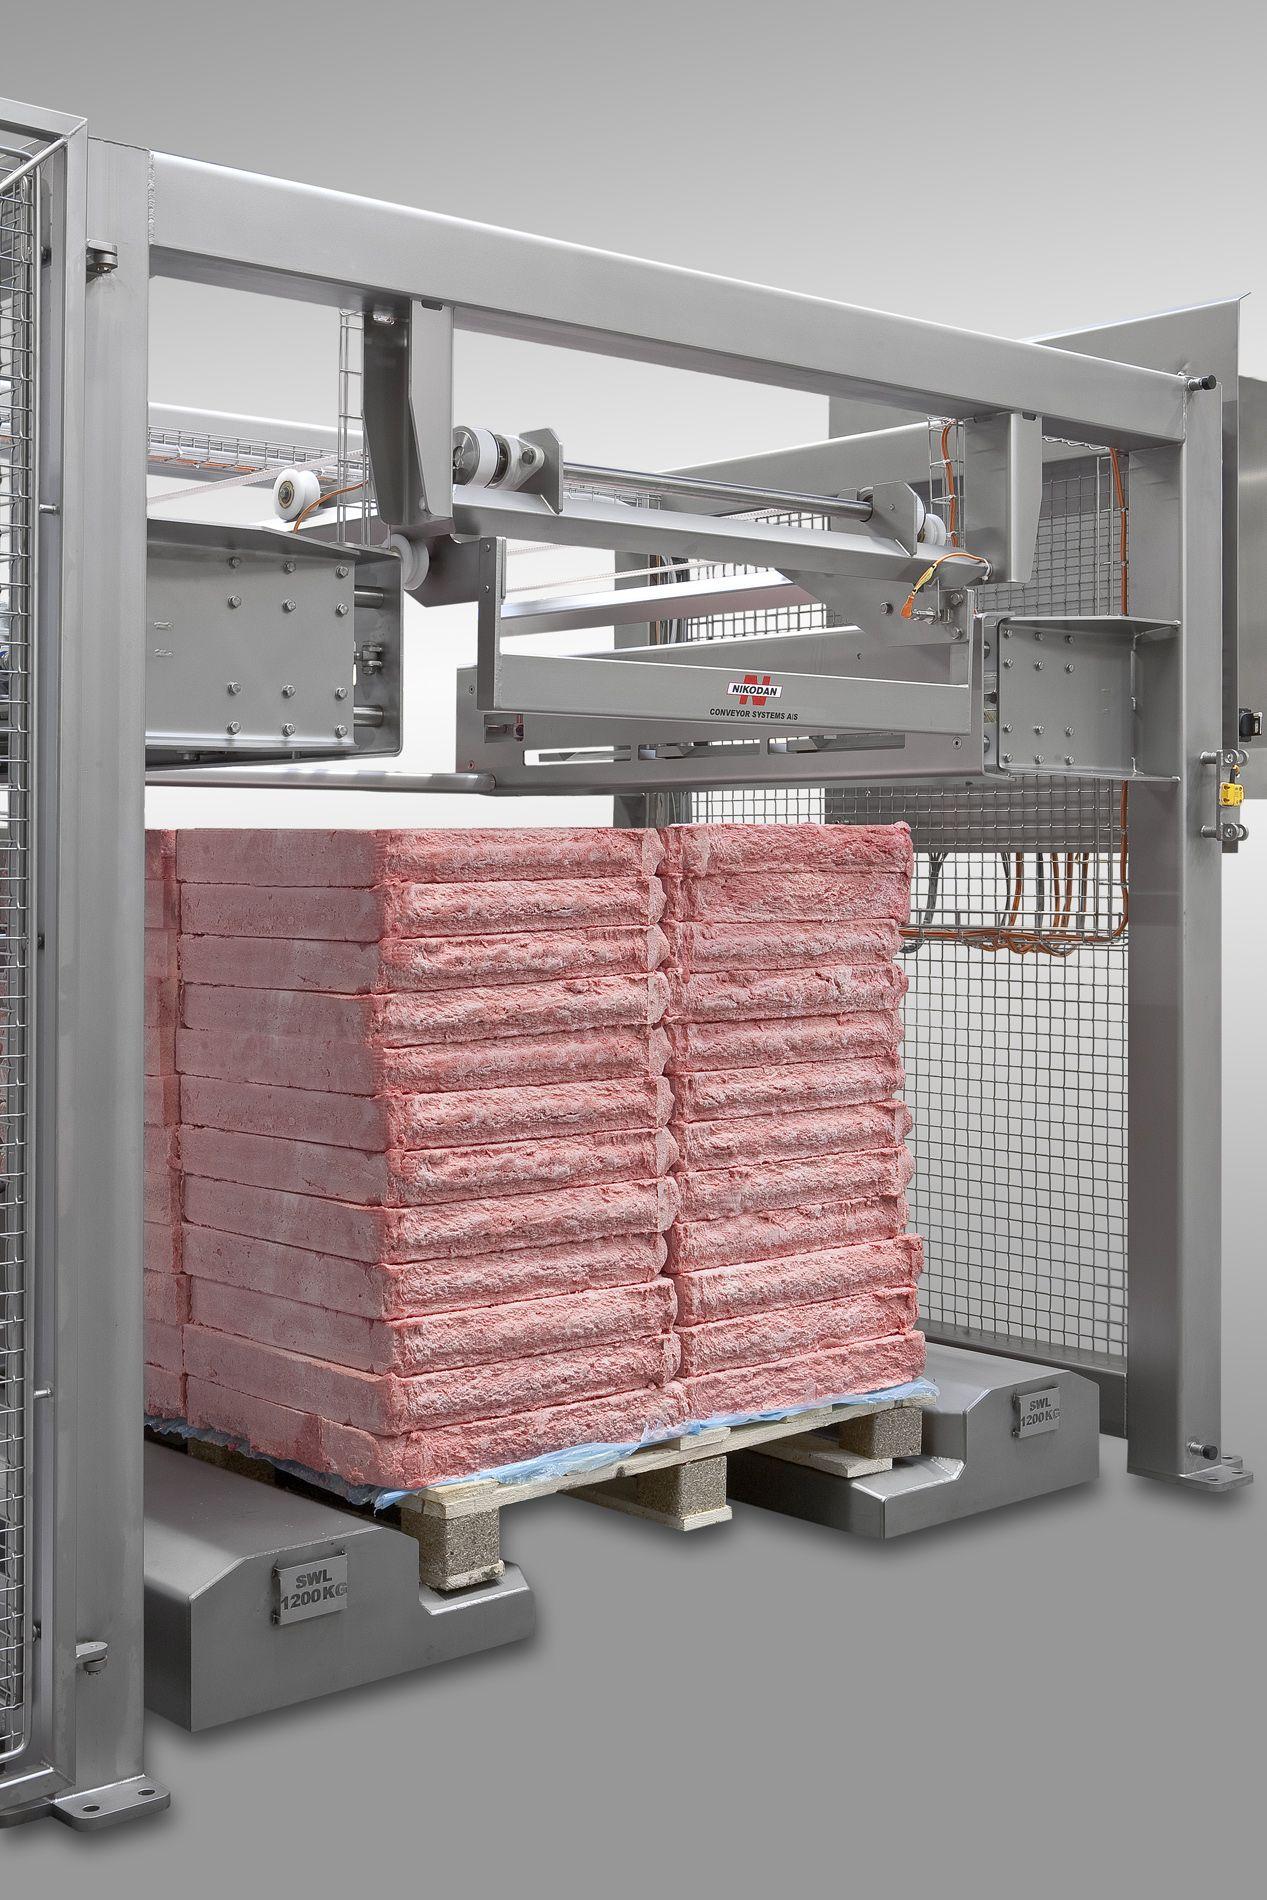 Depalletizer of frozen meat blocks